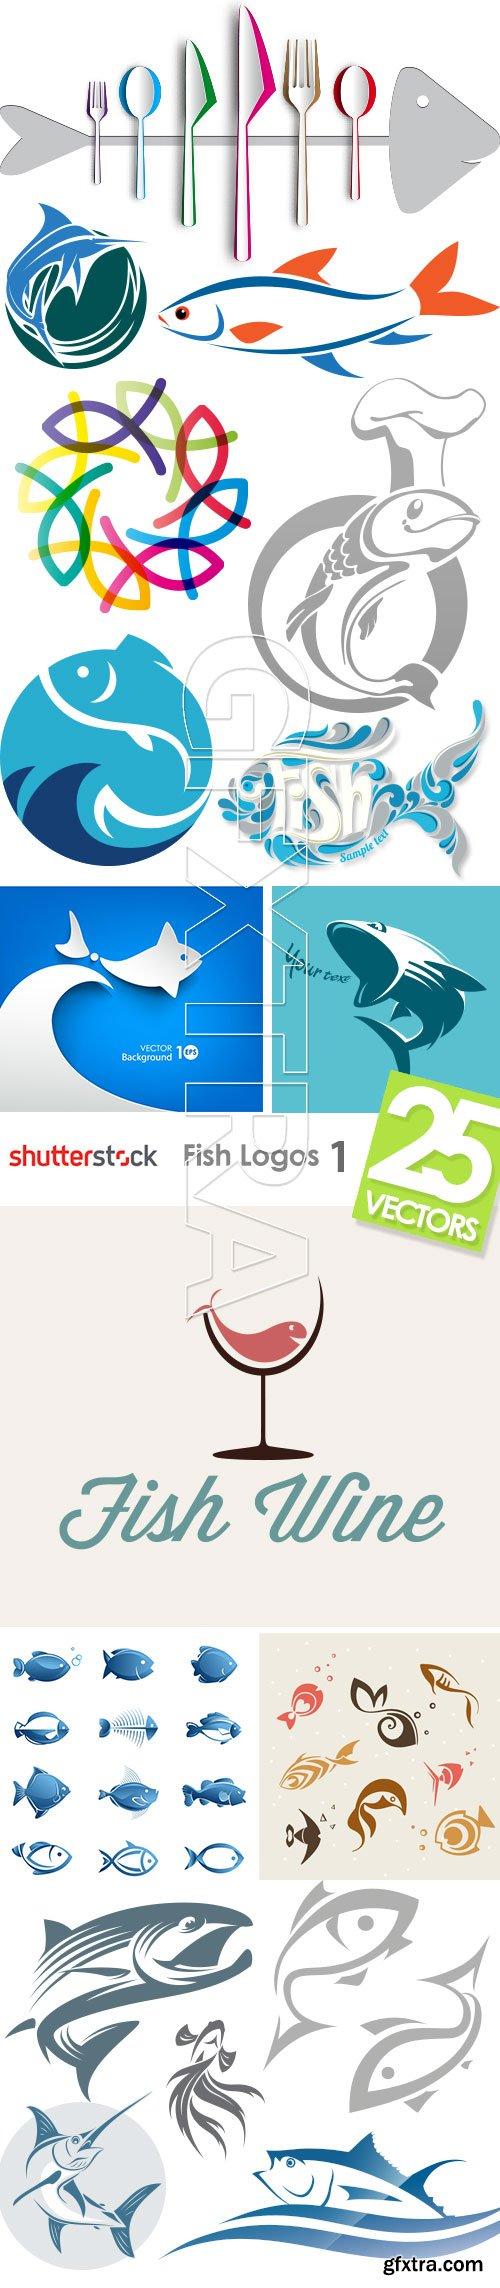 Fish Logos 1, 25xEPS